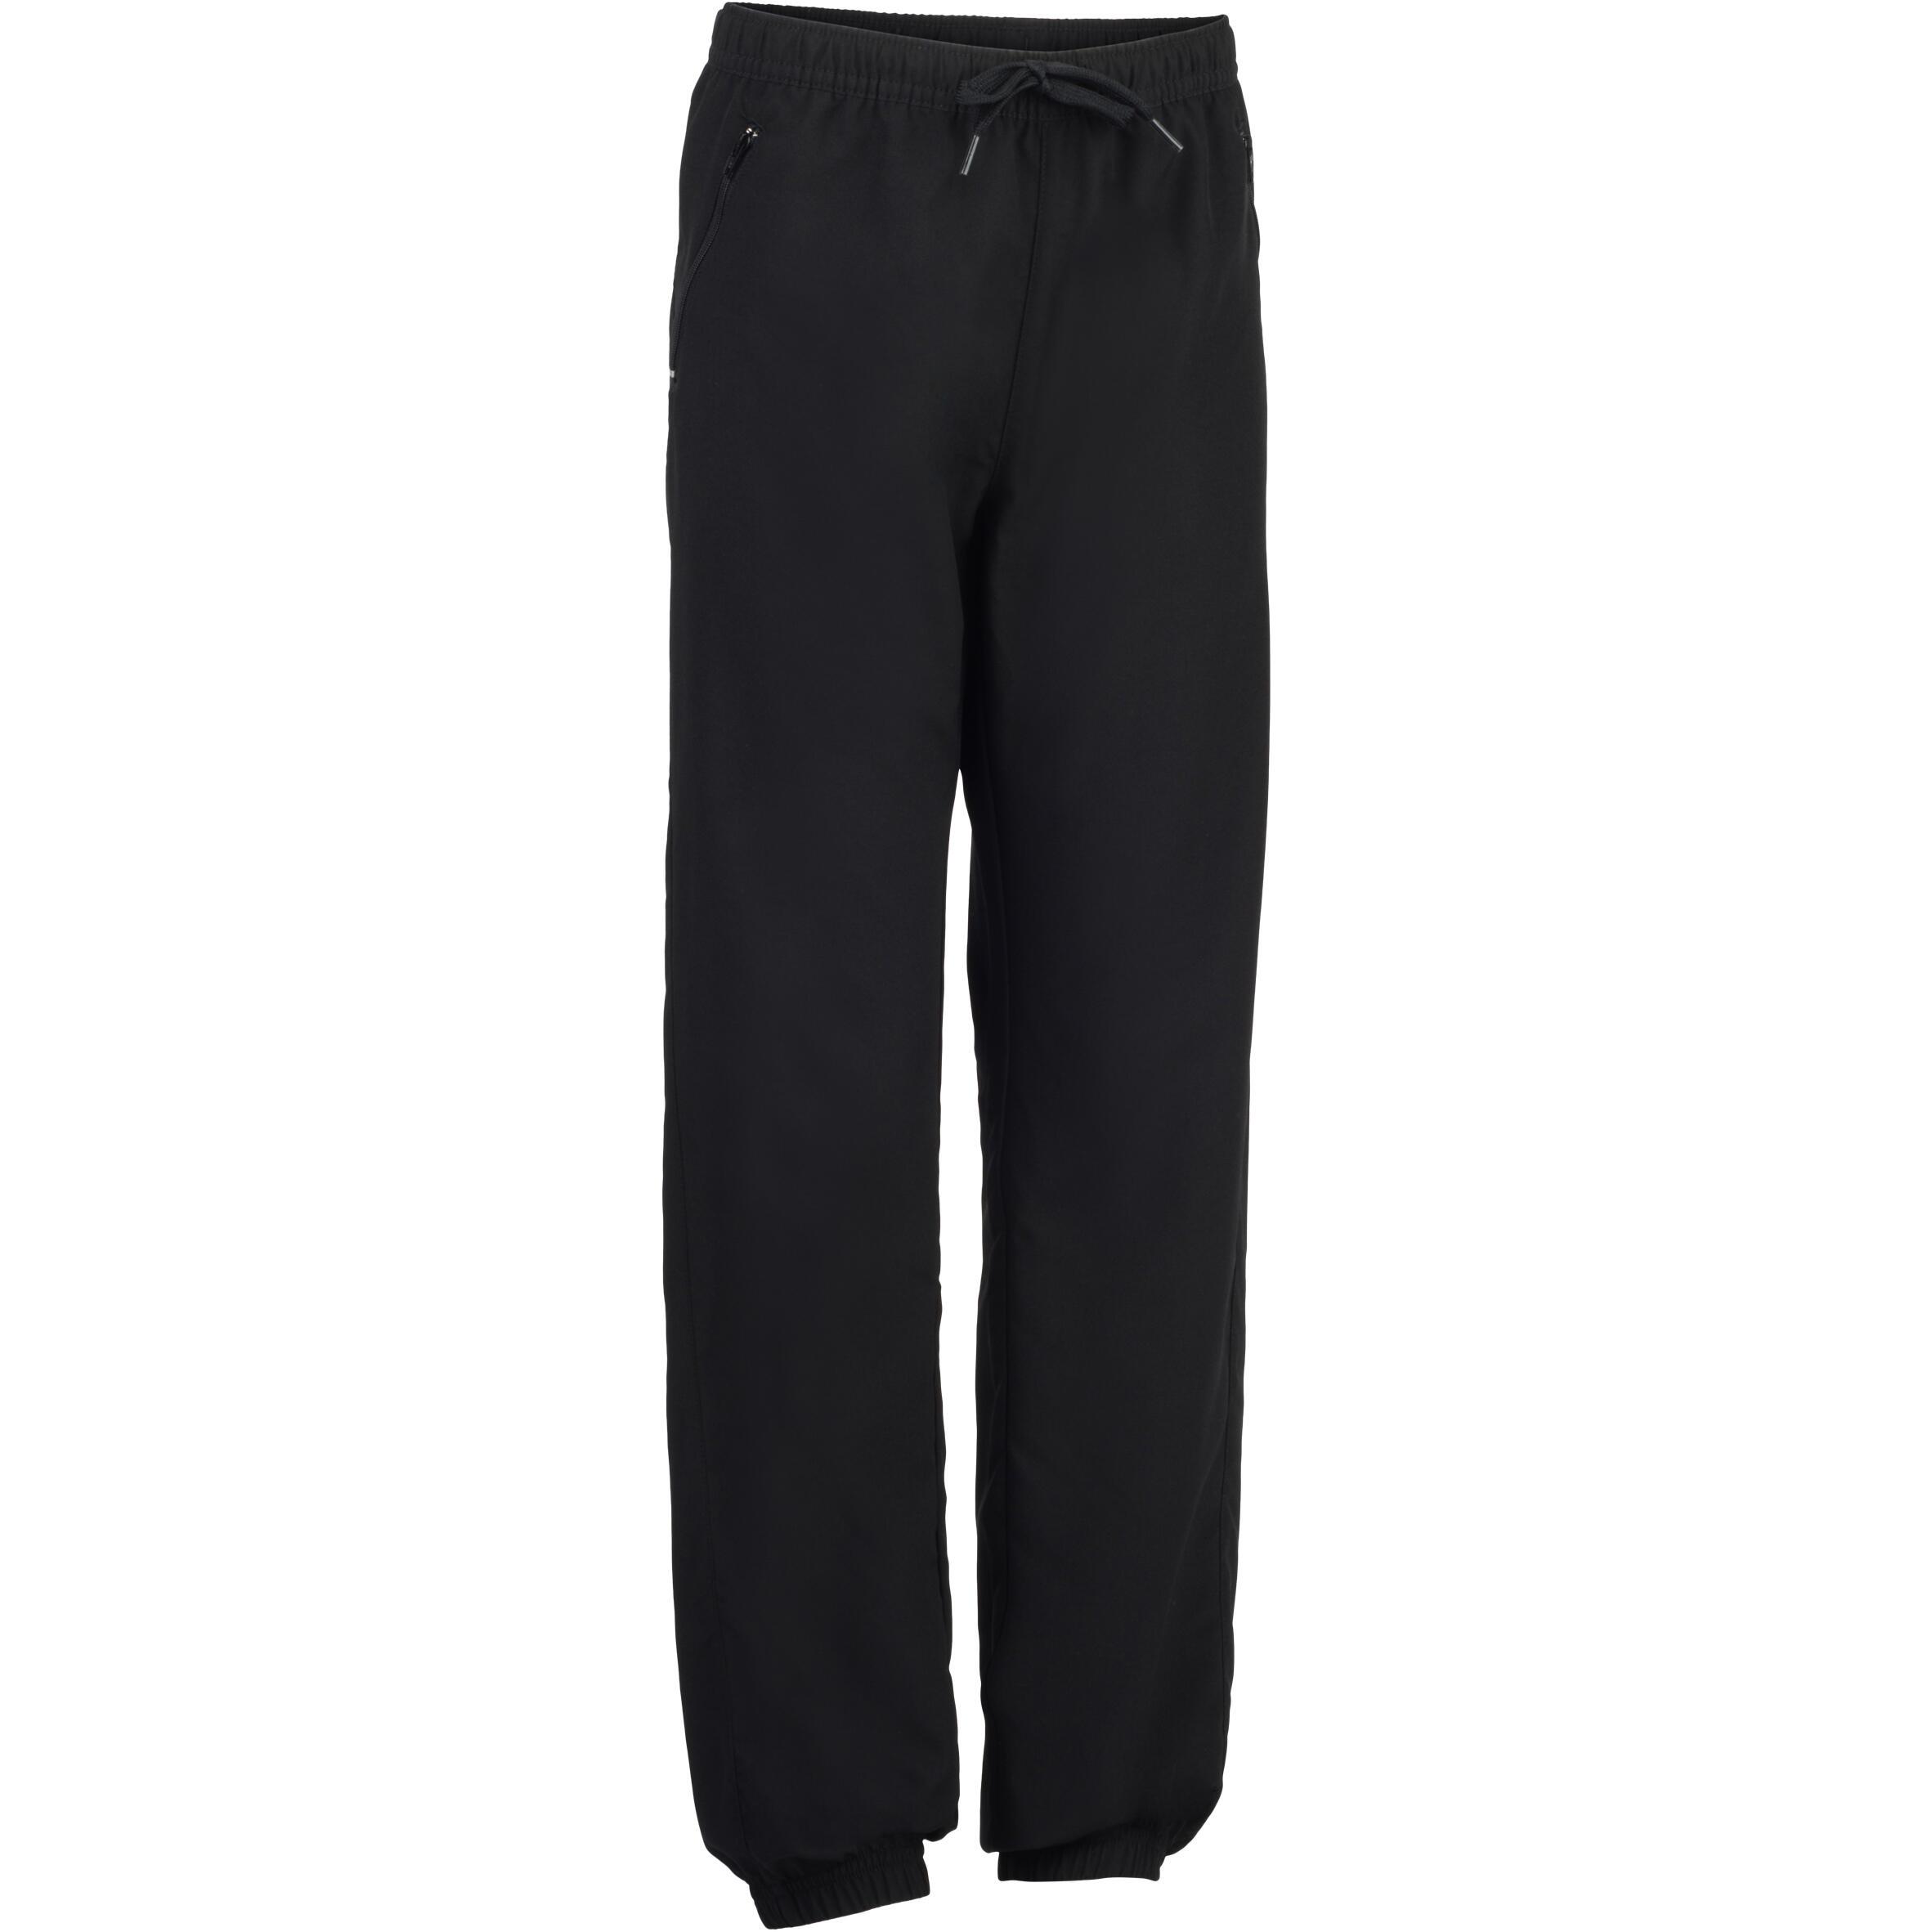 Pantalón 560 ligero gimnasia niño bolsillos negro